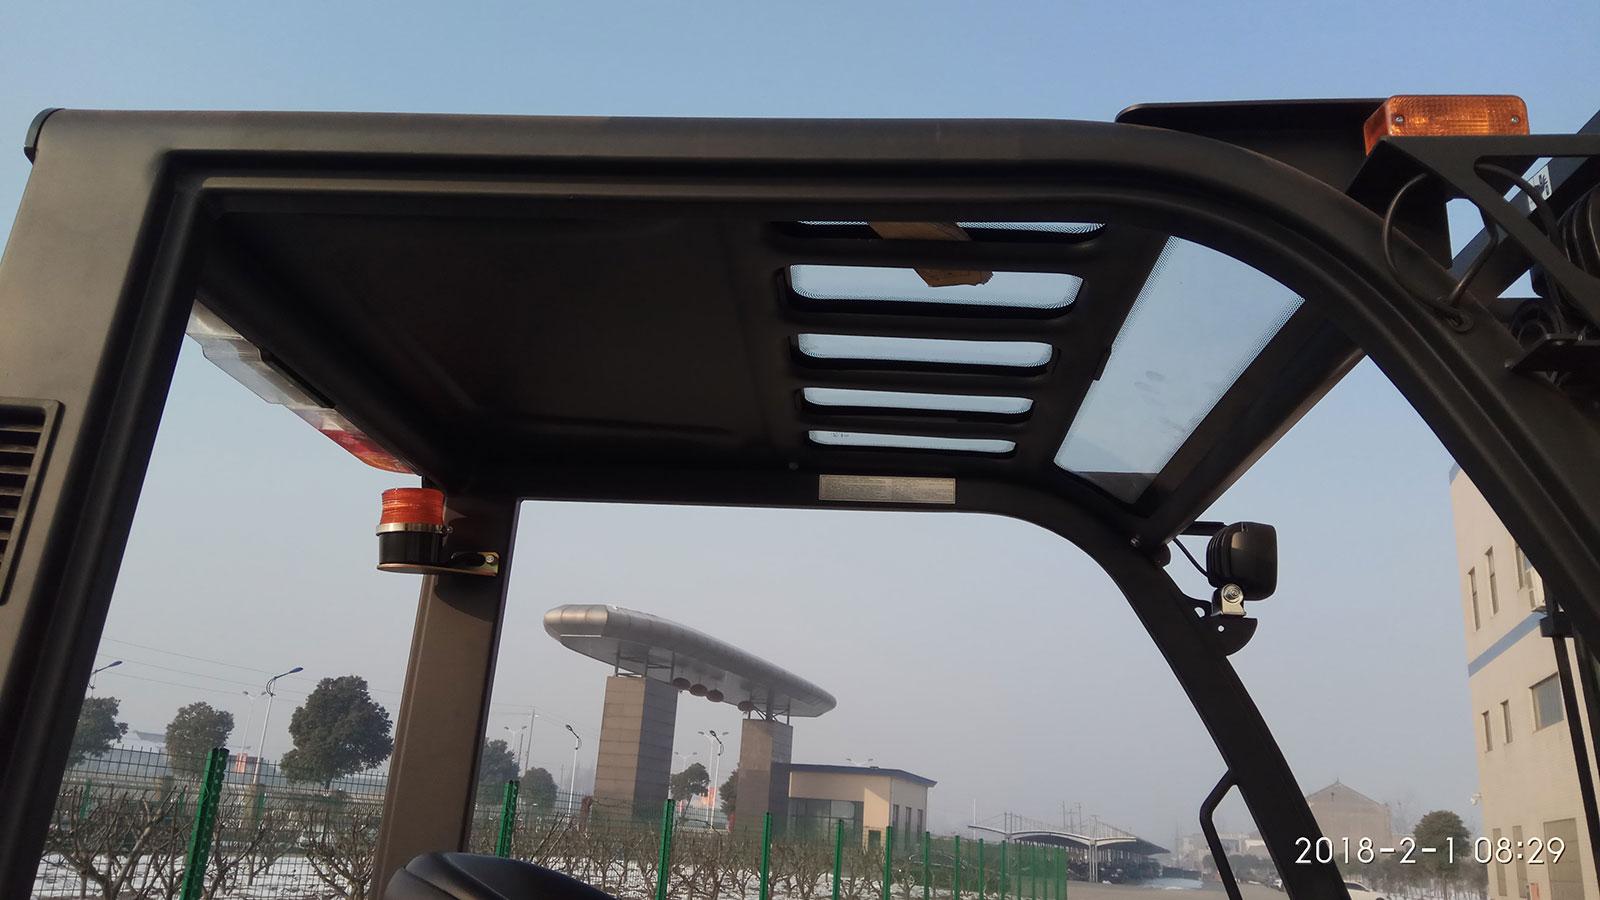 khung xe nâng dầu mga forklift 7.0 tấn